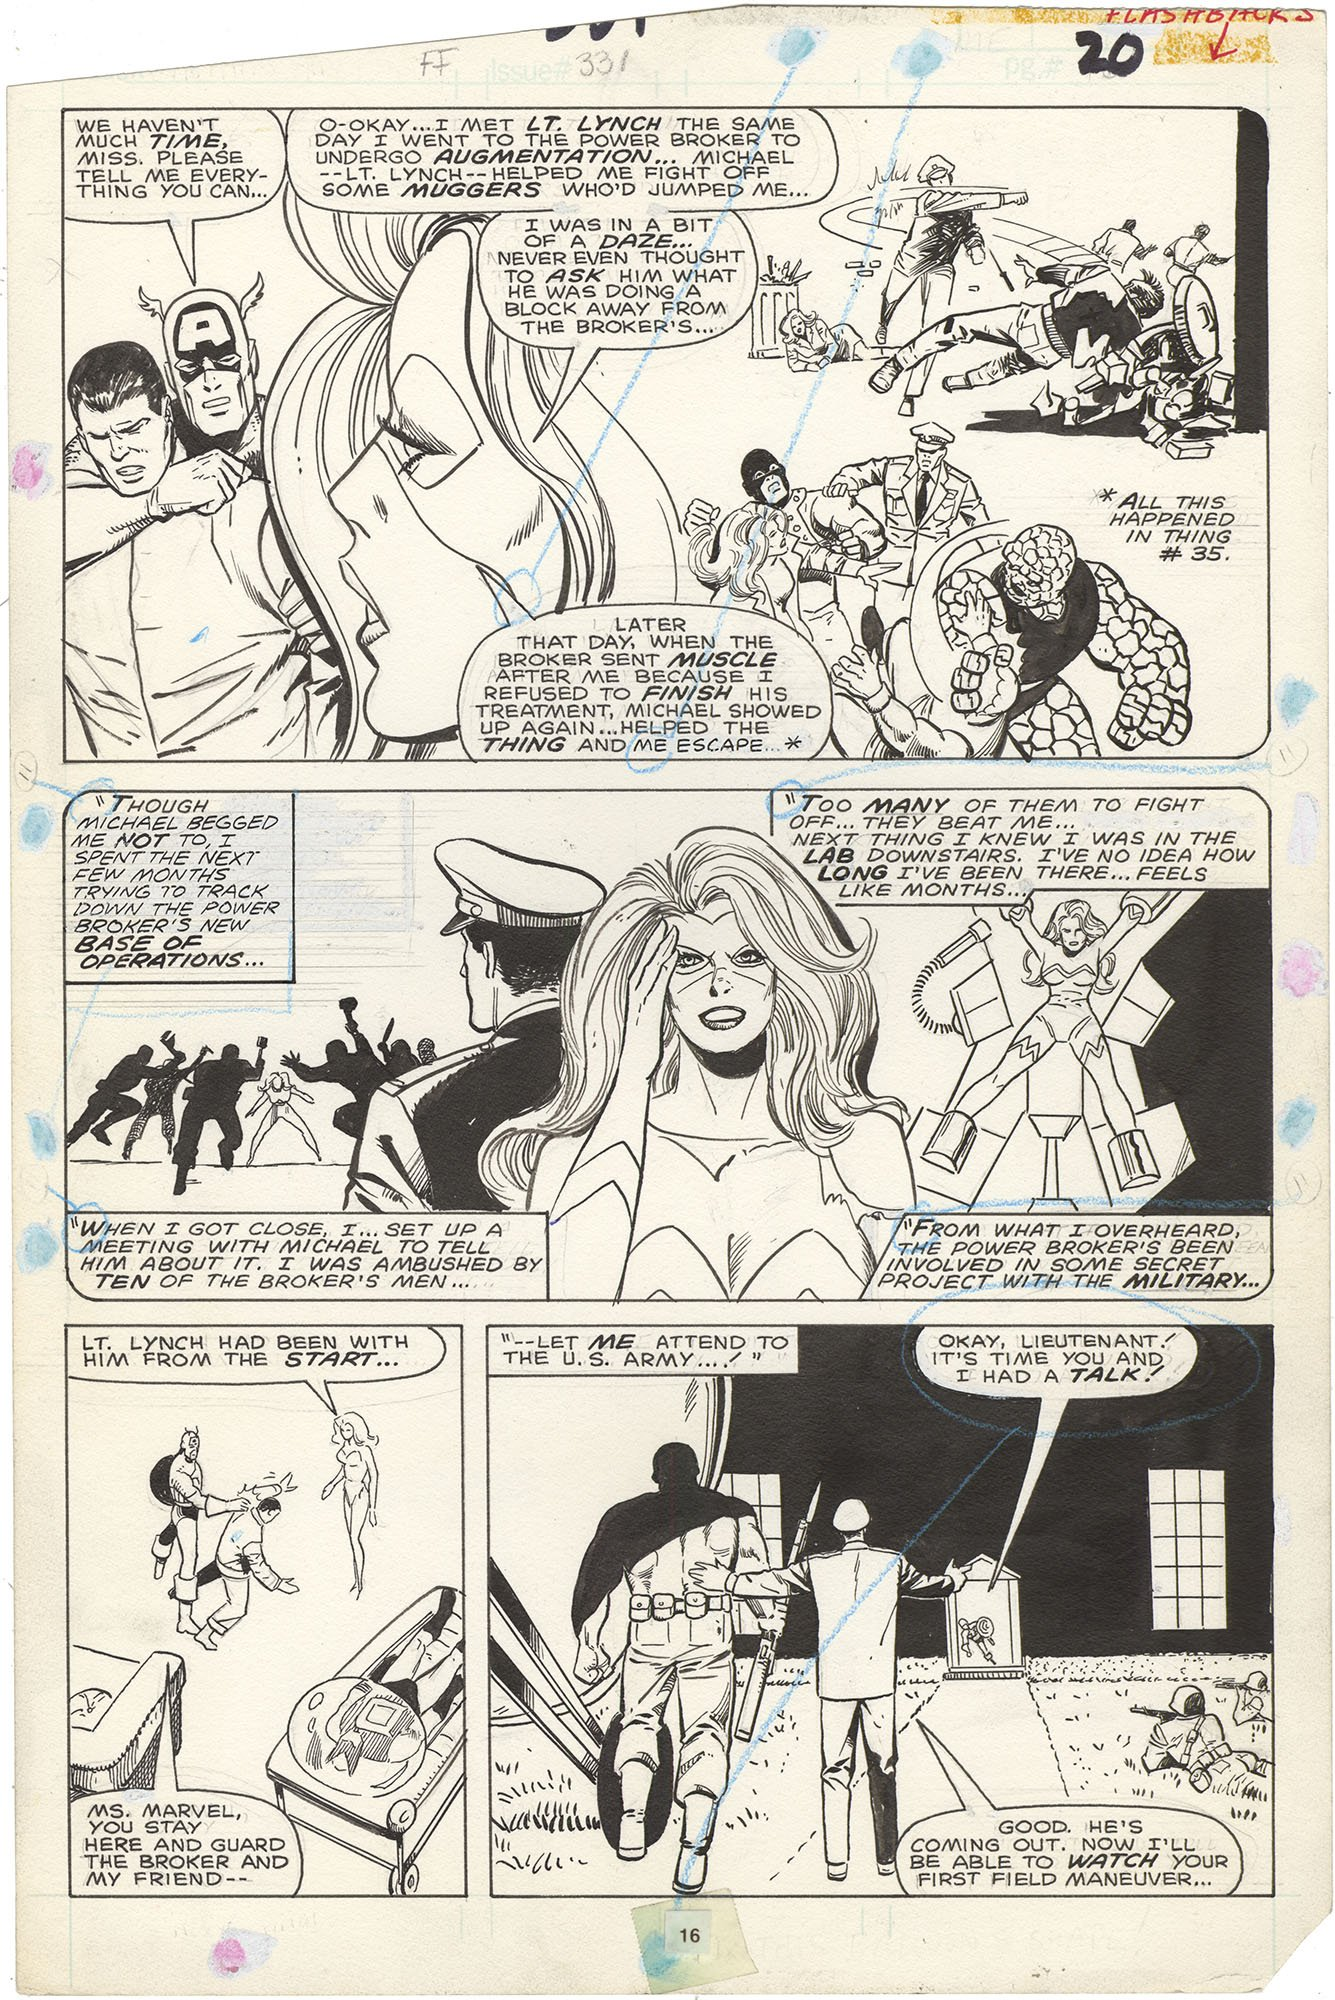 Fantastic Four #331 p16